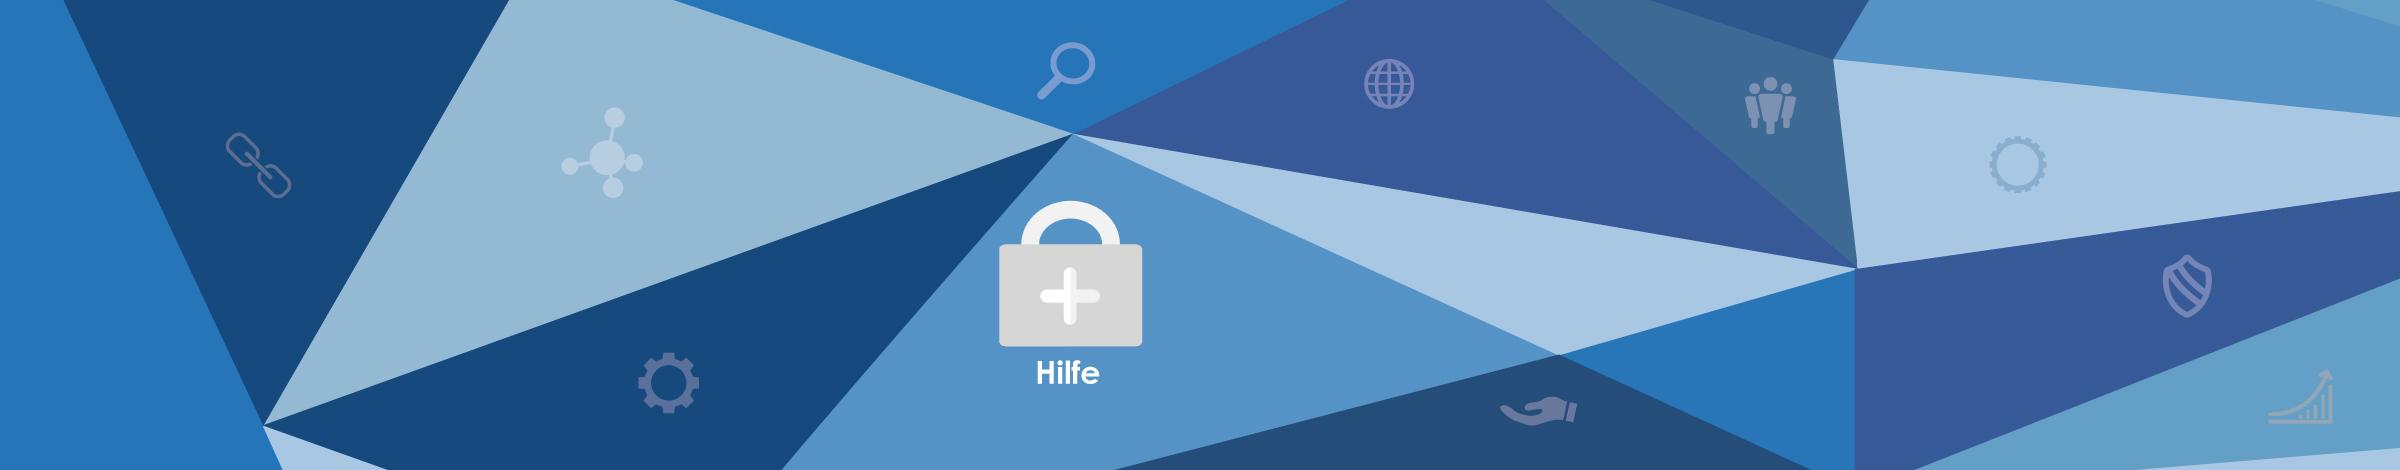 web_updates_kmu_wuk_hilfe